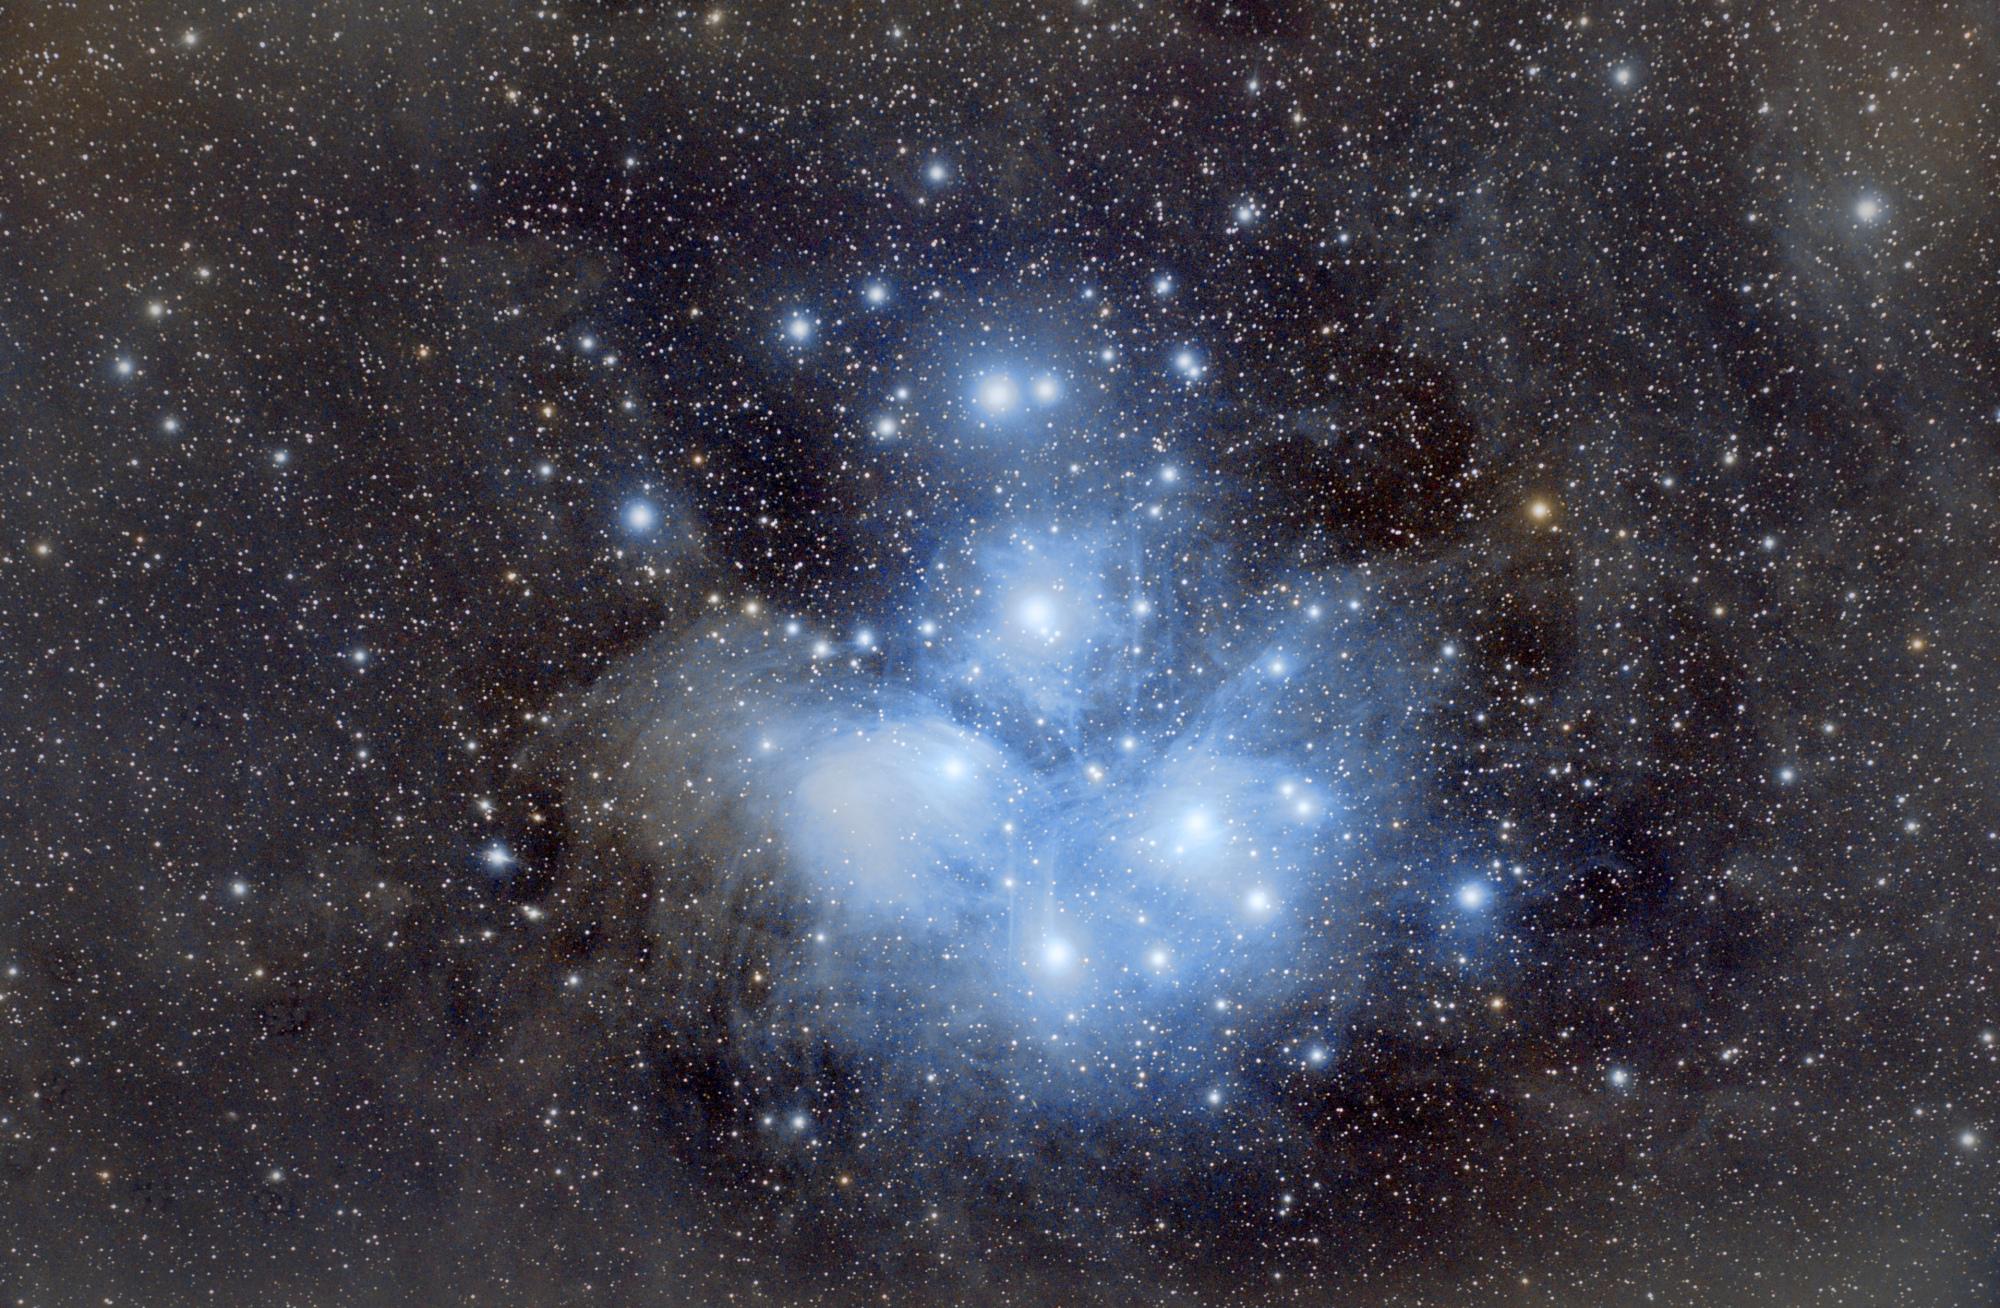 M45-web-1.thumb.jpg.34daf6959ddf9f10ddbee54df3867113.jpg